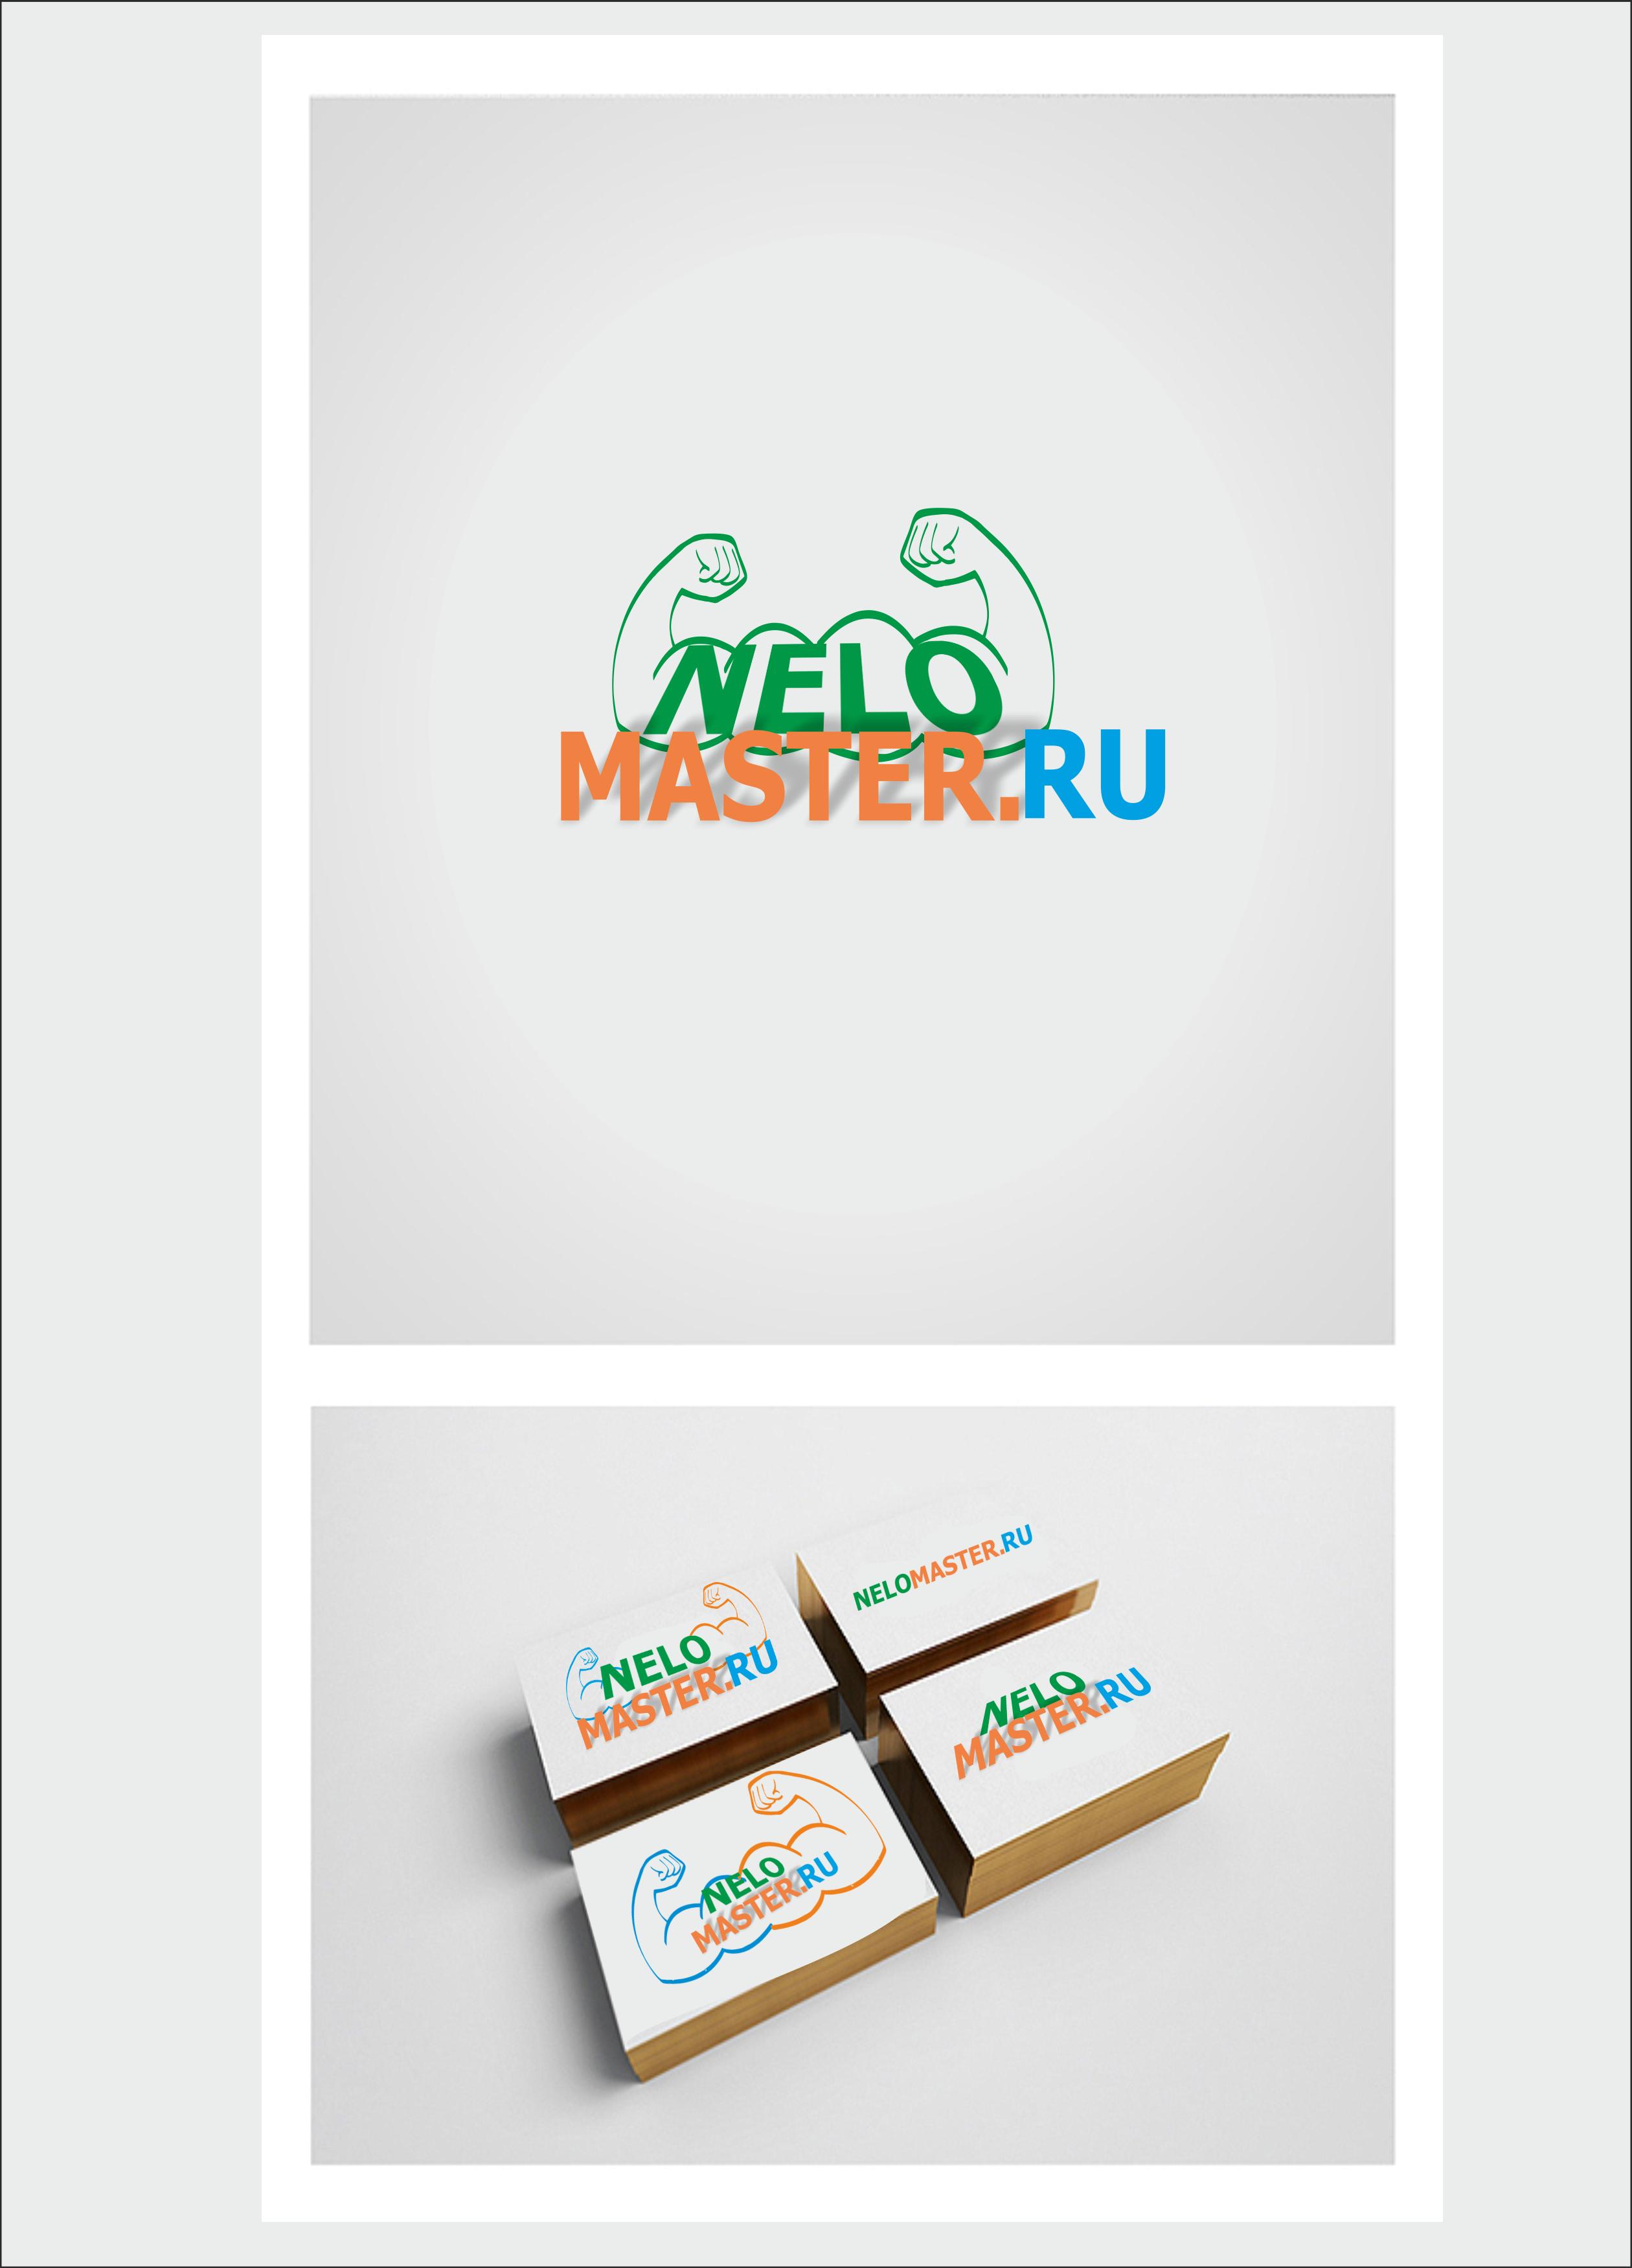 """Логотип сервиса """"Муж на час""""=""""Мужская помощь по дому"""" фото f_8455dc42cbe4f9bb.png"""